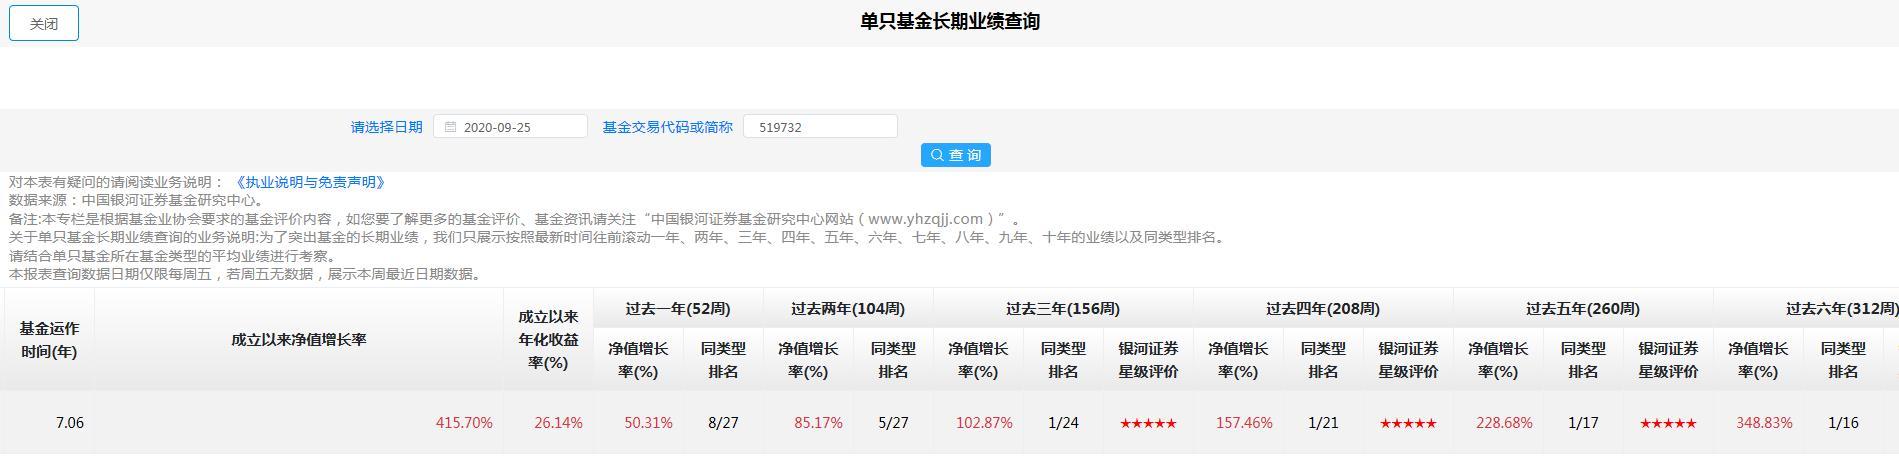 投資基金到底能賺多少錢?速看中國公募基金長期業績-圖2